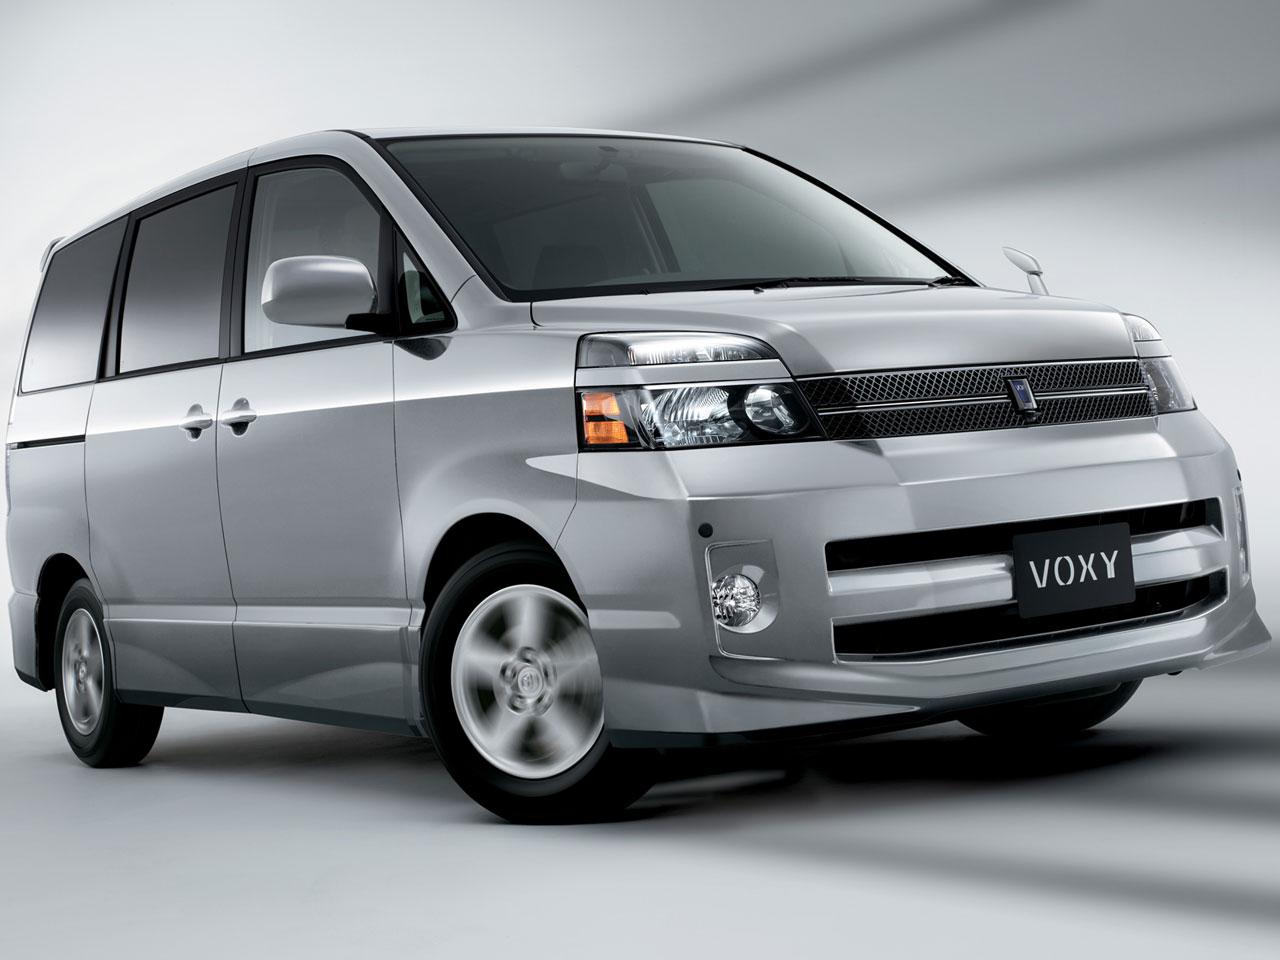 トヨタ ヴォクシー 2001年モデル 新車画像